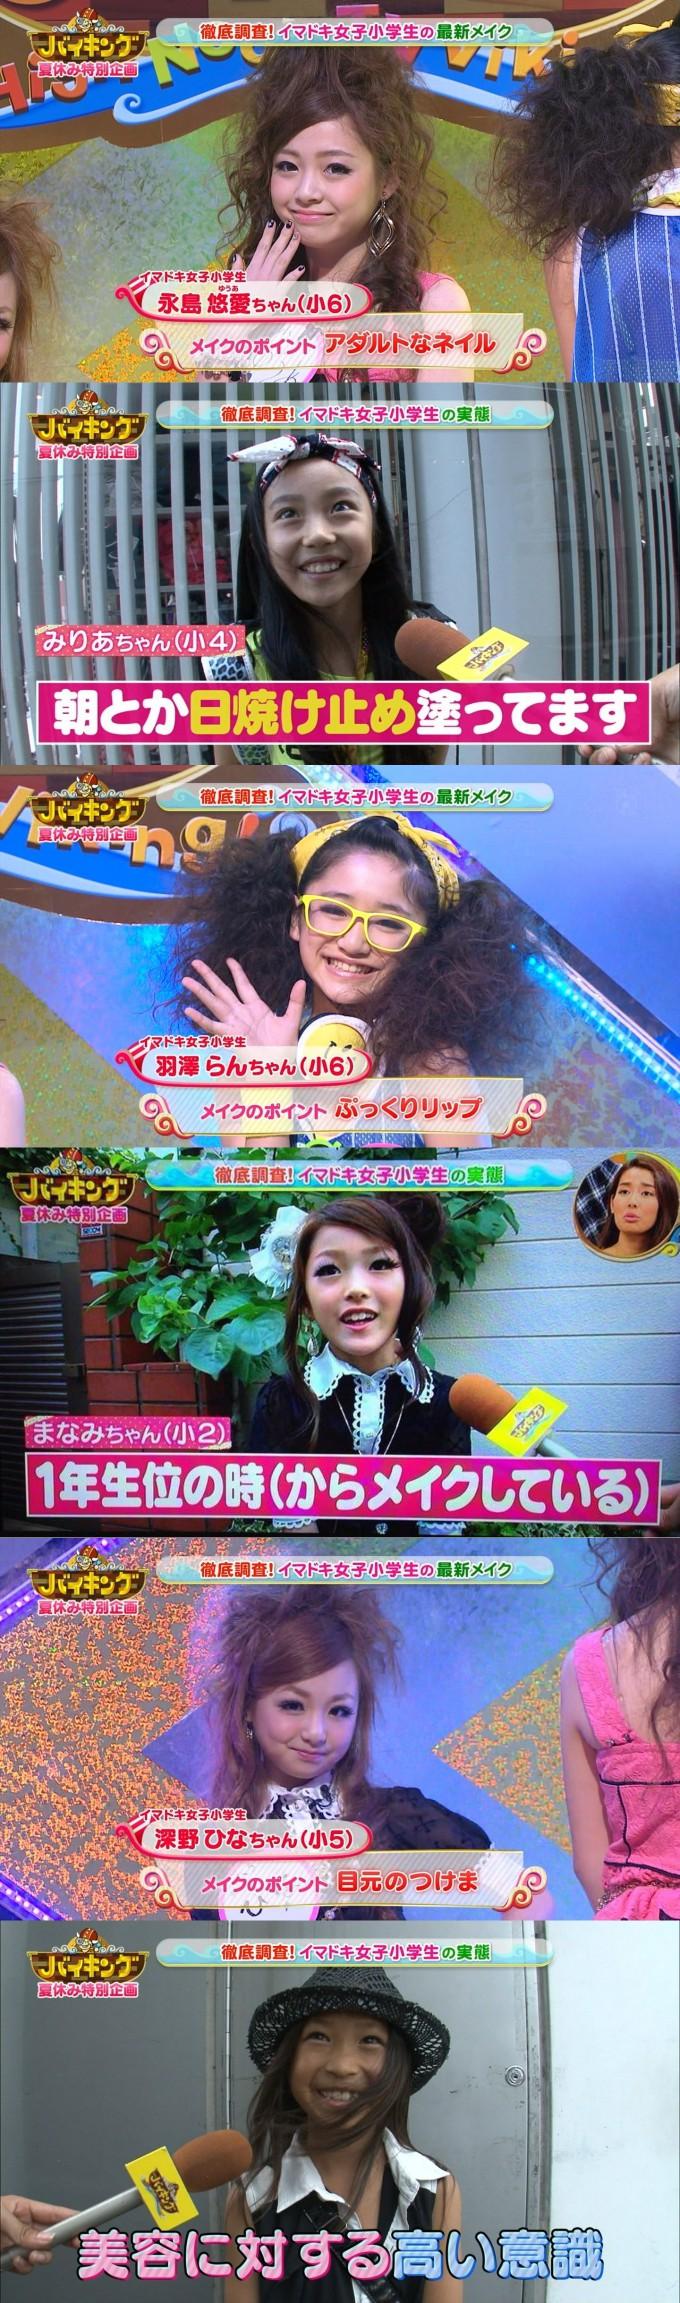 面白画像 情報・バラエティ番組『バイキング』の企画『徹底調査!イマドキ女子小学生の実態』に出ていた小学生たちにビックリ(笑)beauty_0036